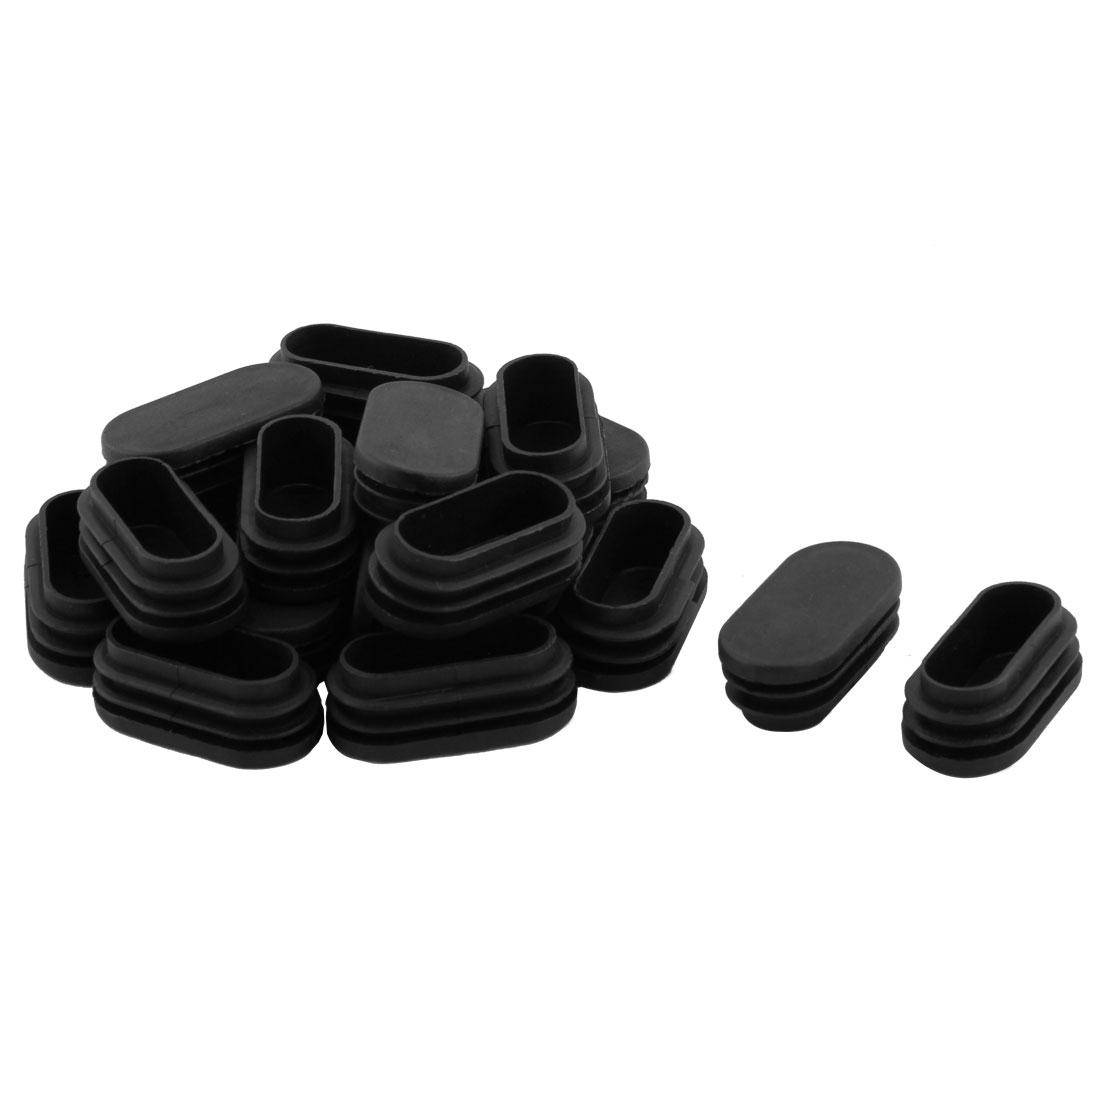 Household Plastic Rectangular Shaped Chair Leg Tube Pipe Insert Black 5 x 2.5cm 20 PCS